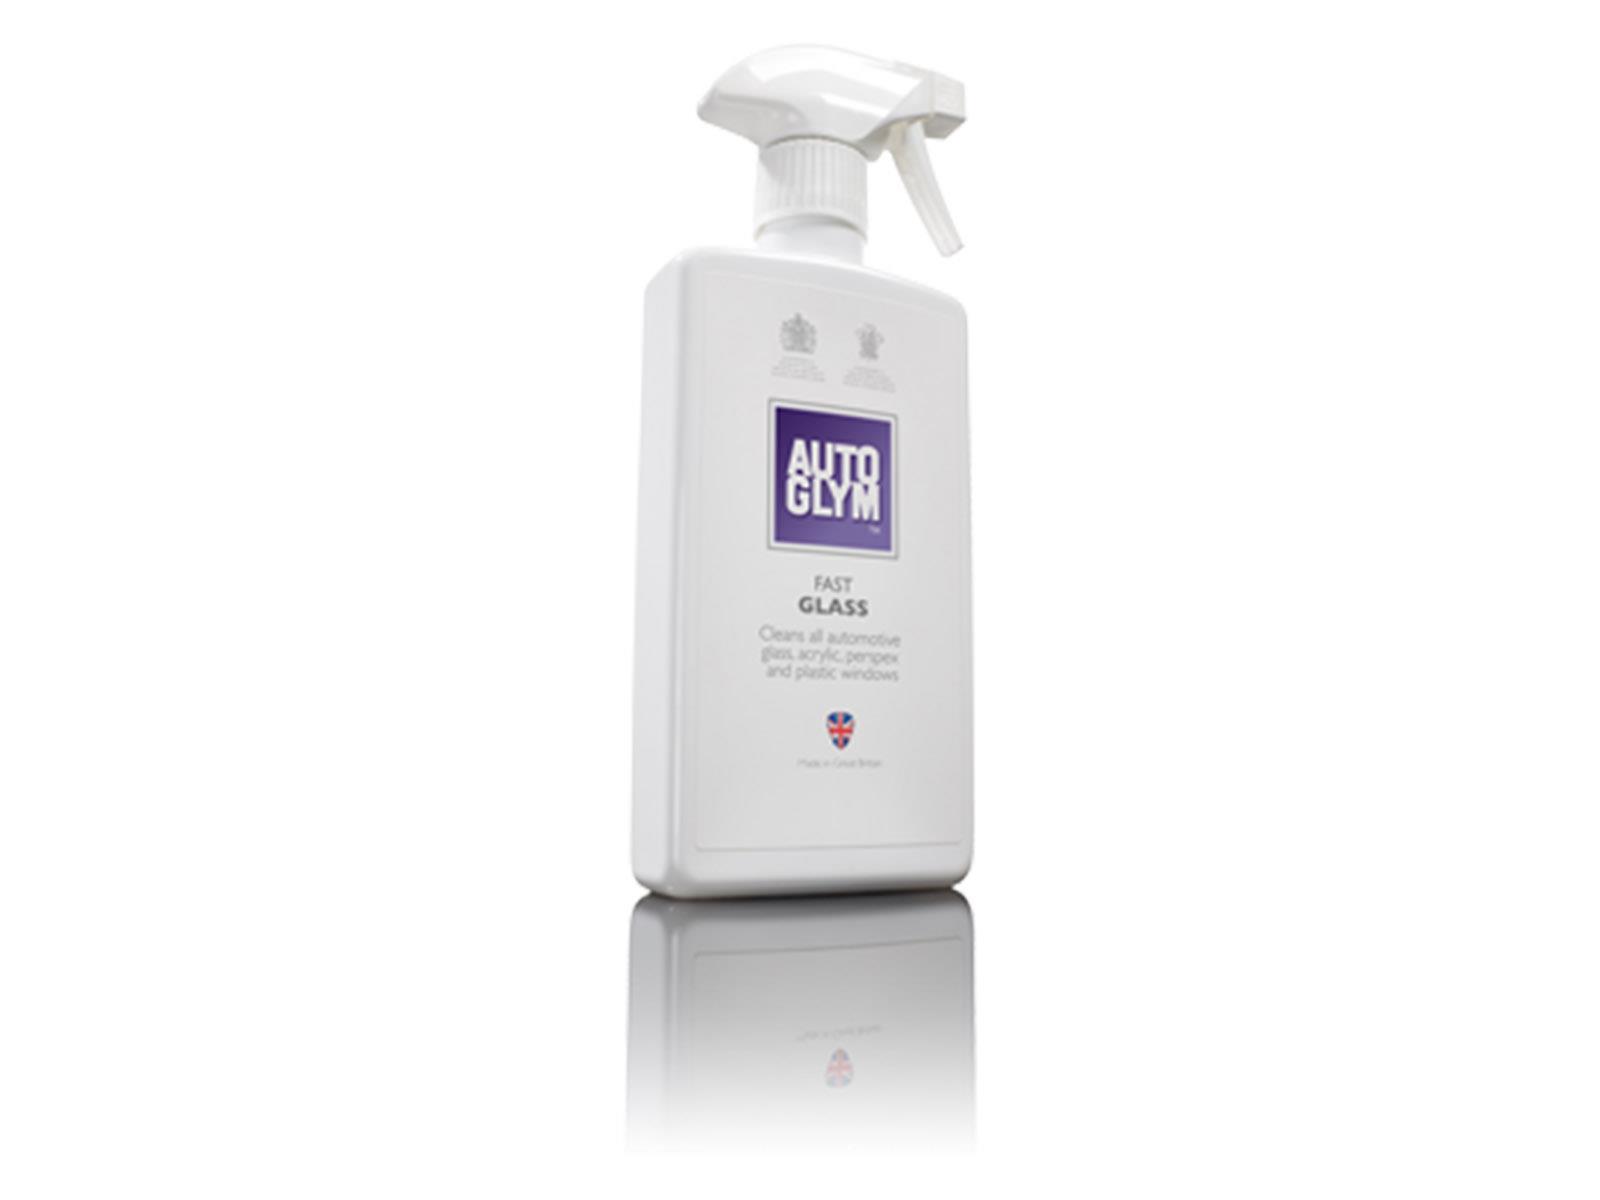 Autoglym Fast Glass Window Windscreen Cleaner Streak Free Car Clean Spray 500ml 501636618500 Ebay